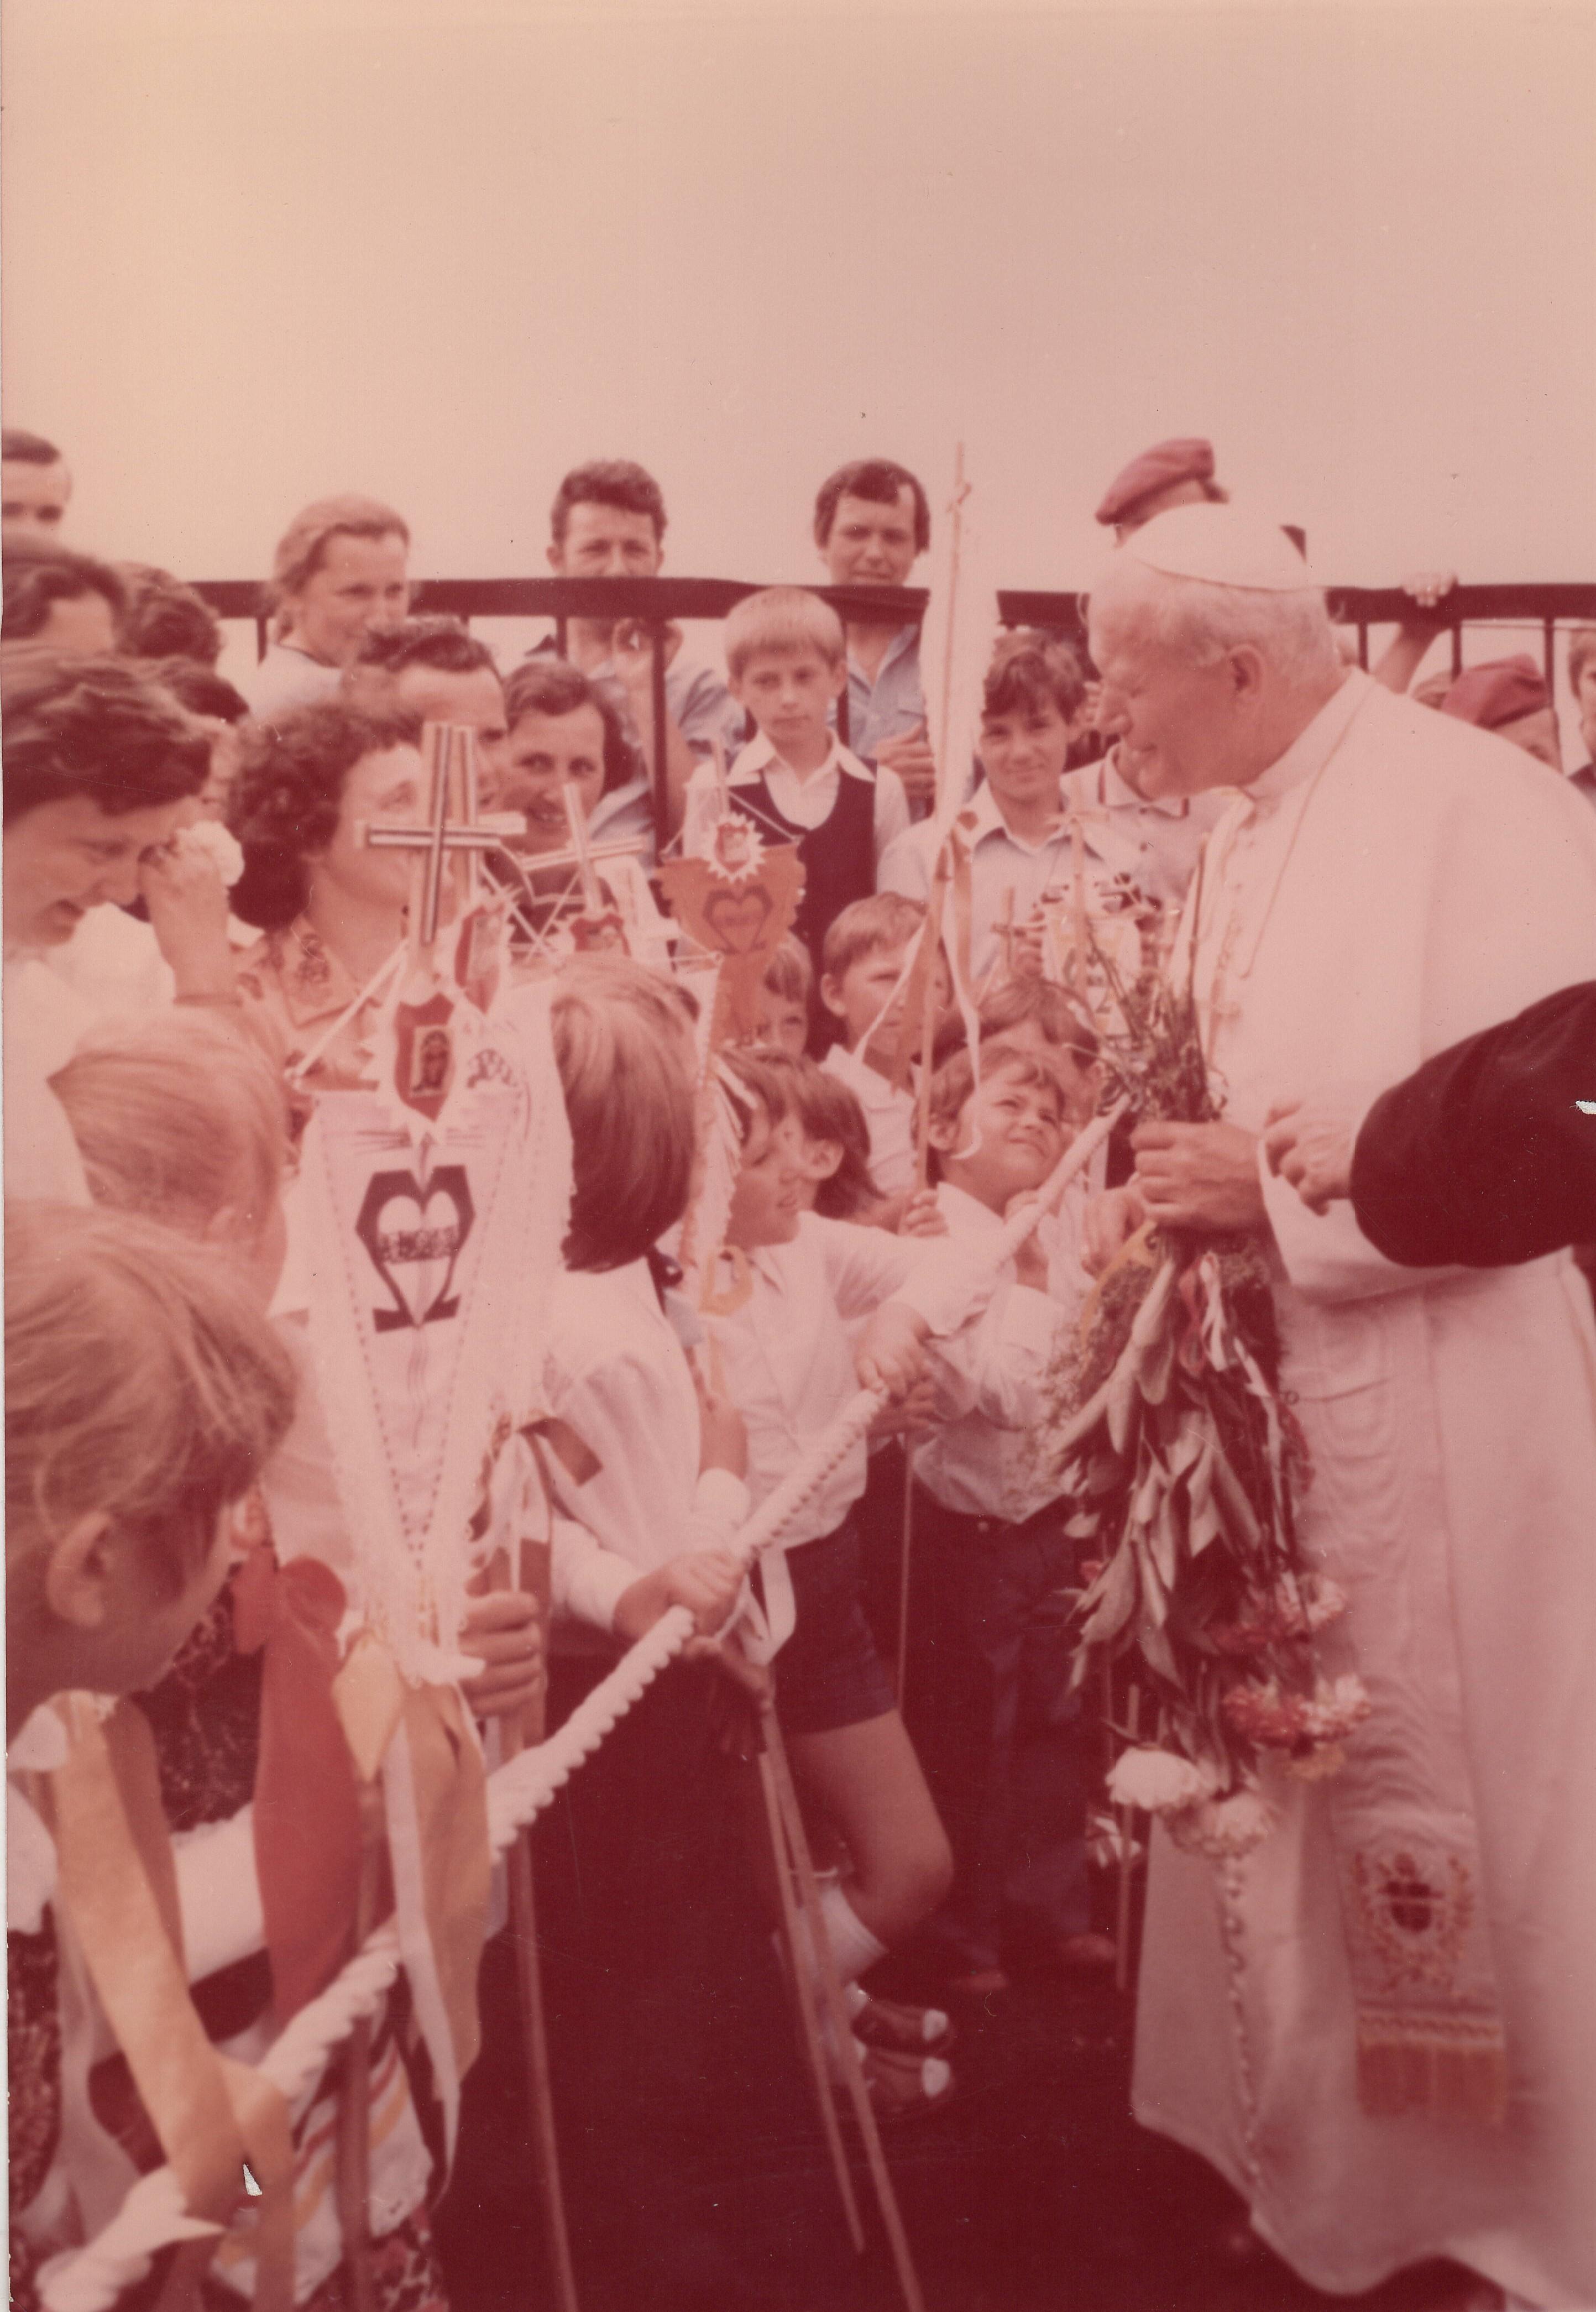 Serce Polaków bije w sercu Matki. III etap pielgrzymki Ojca Świętego do Ojczyny. Częstochowa i Jasna Góra, 4-6 czerwca 1979 roku. Komentarz arcybiskupa Marka Jędraszewskiego